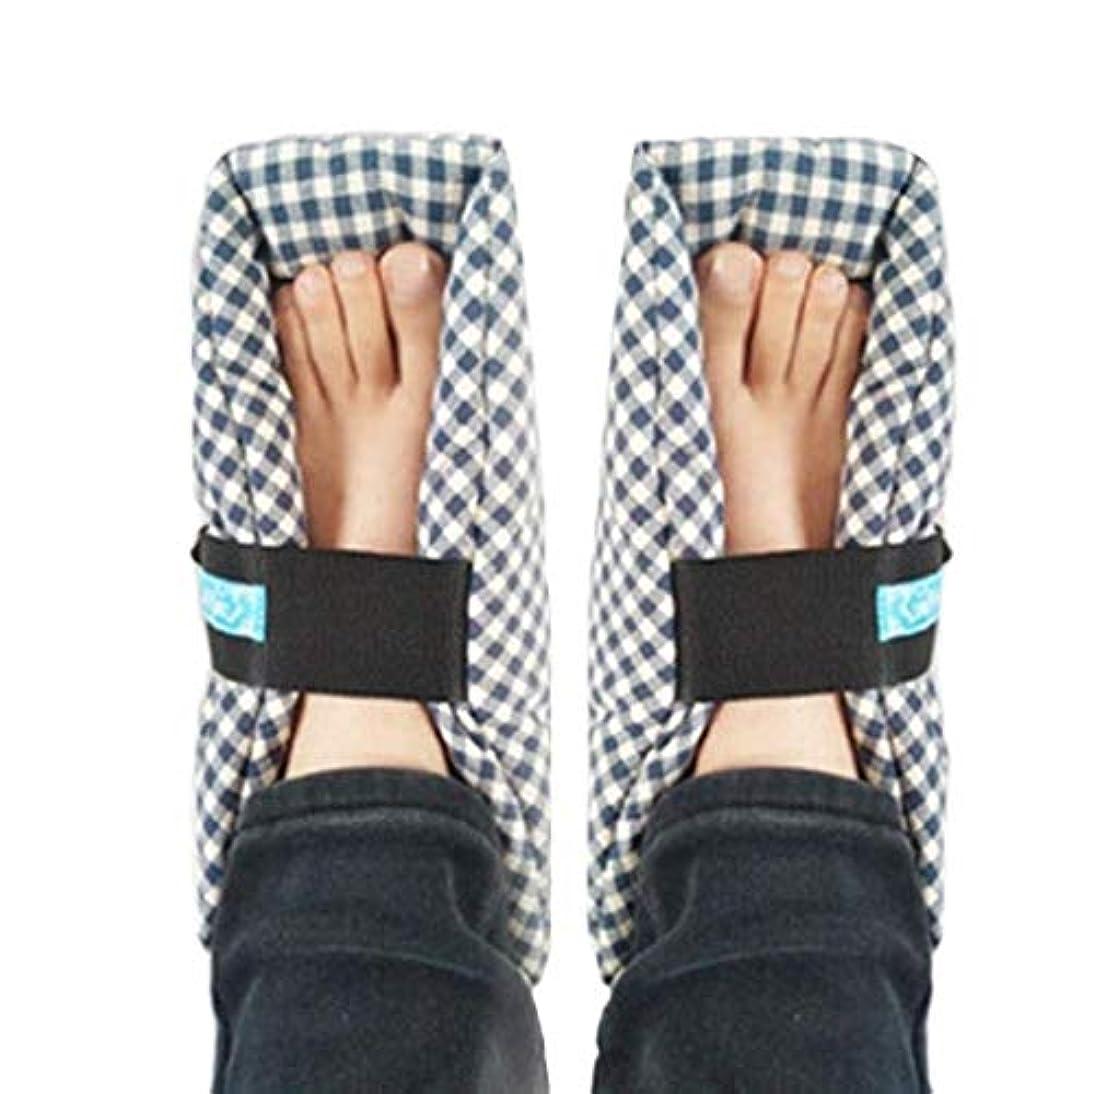 微妙アーカイブだますTONGSH 足枕、かかとプロテクター、かかとクッション、かかと保護、効果的な、瘡およびかかと潰瘍の救済、腫れた足に最適、快適なかかと保護足枕、1組、格子縞